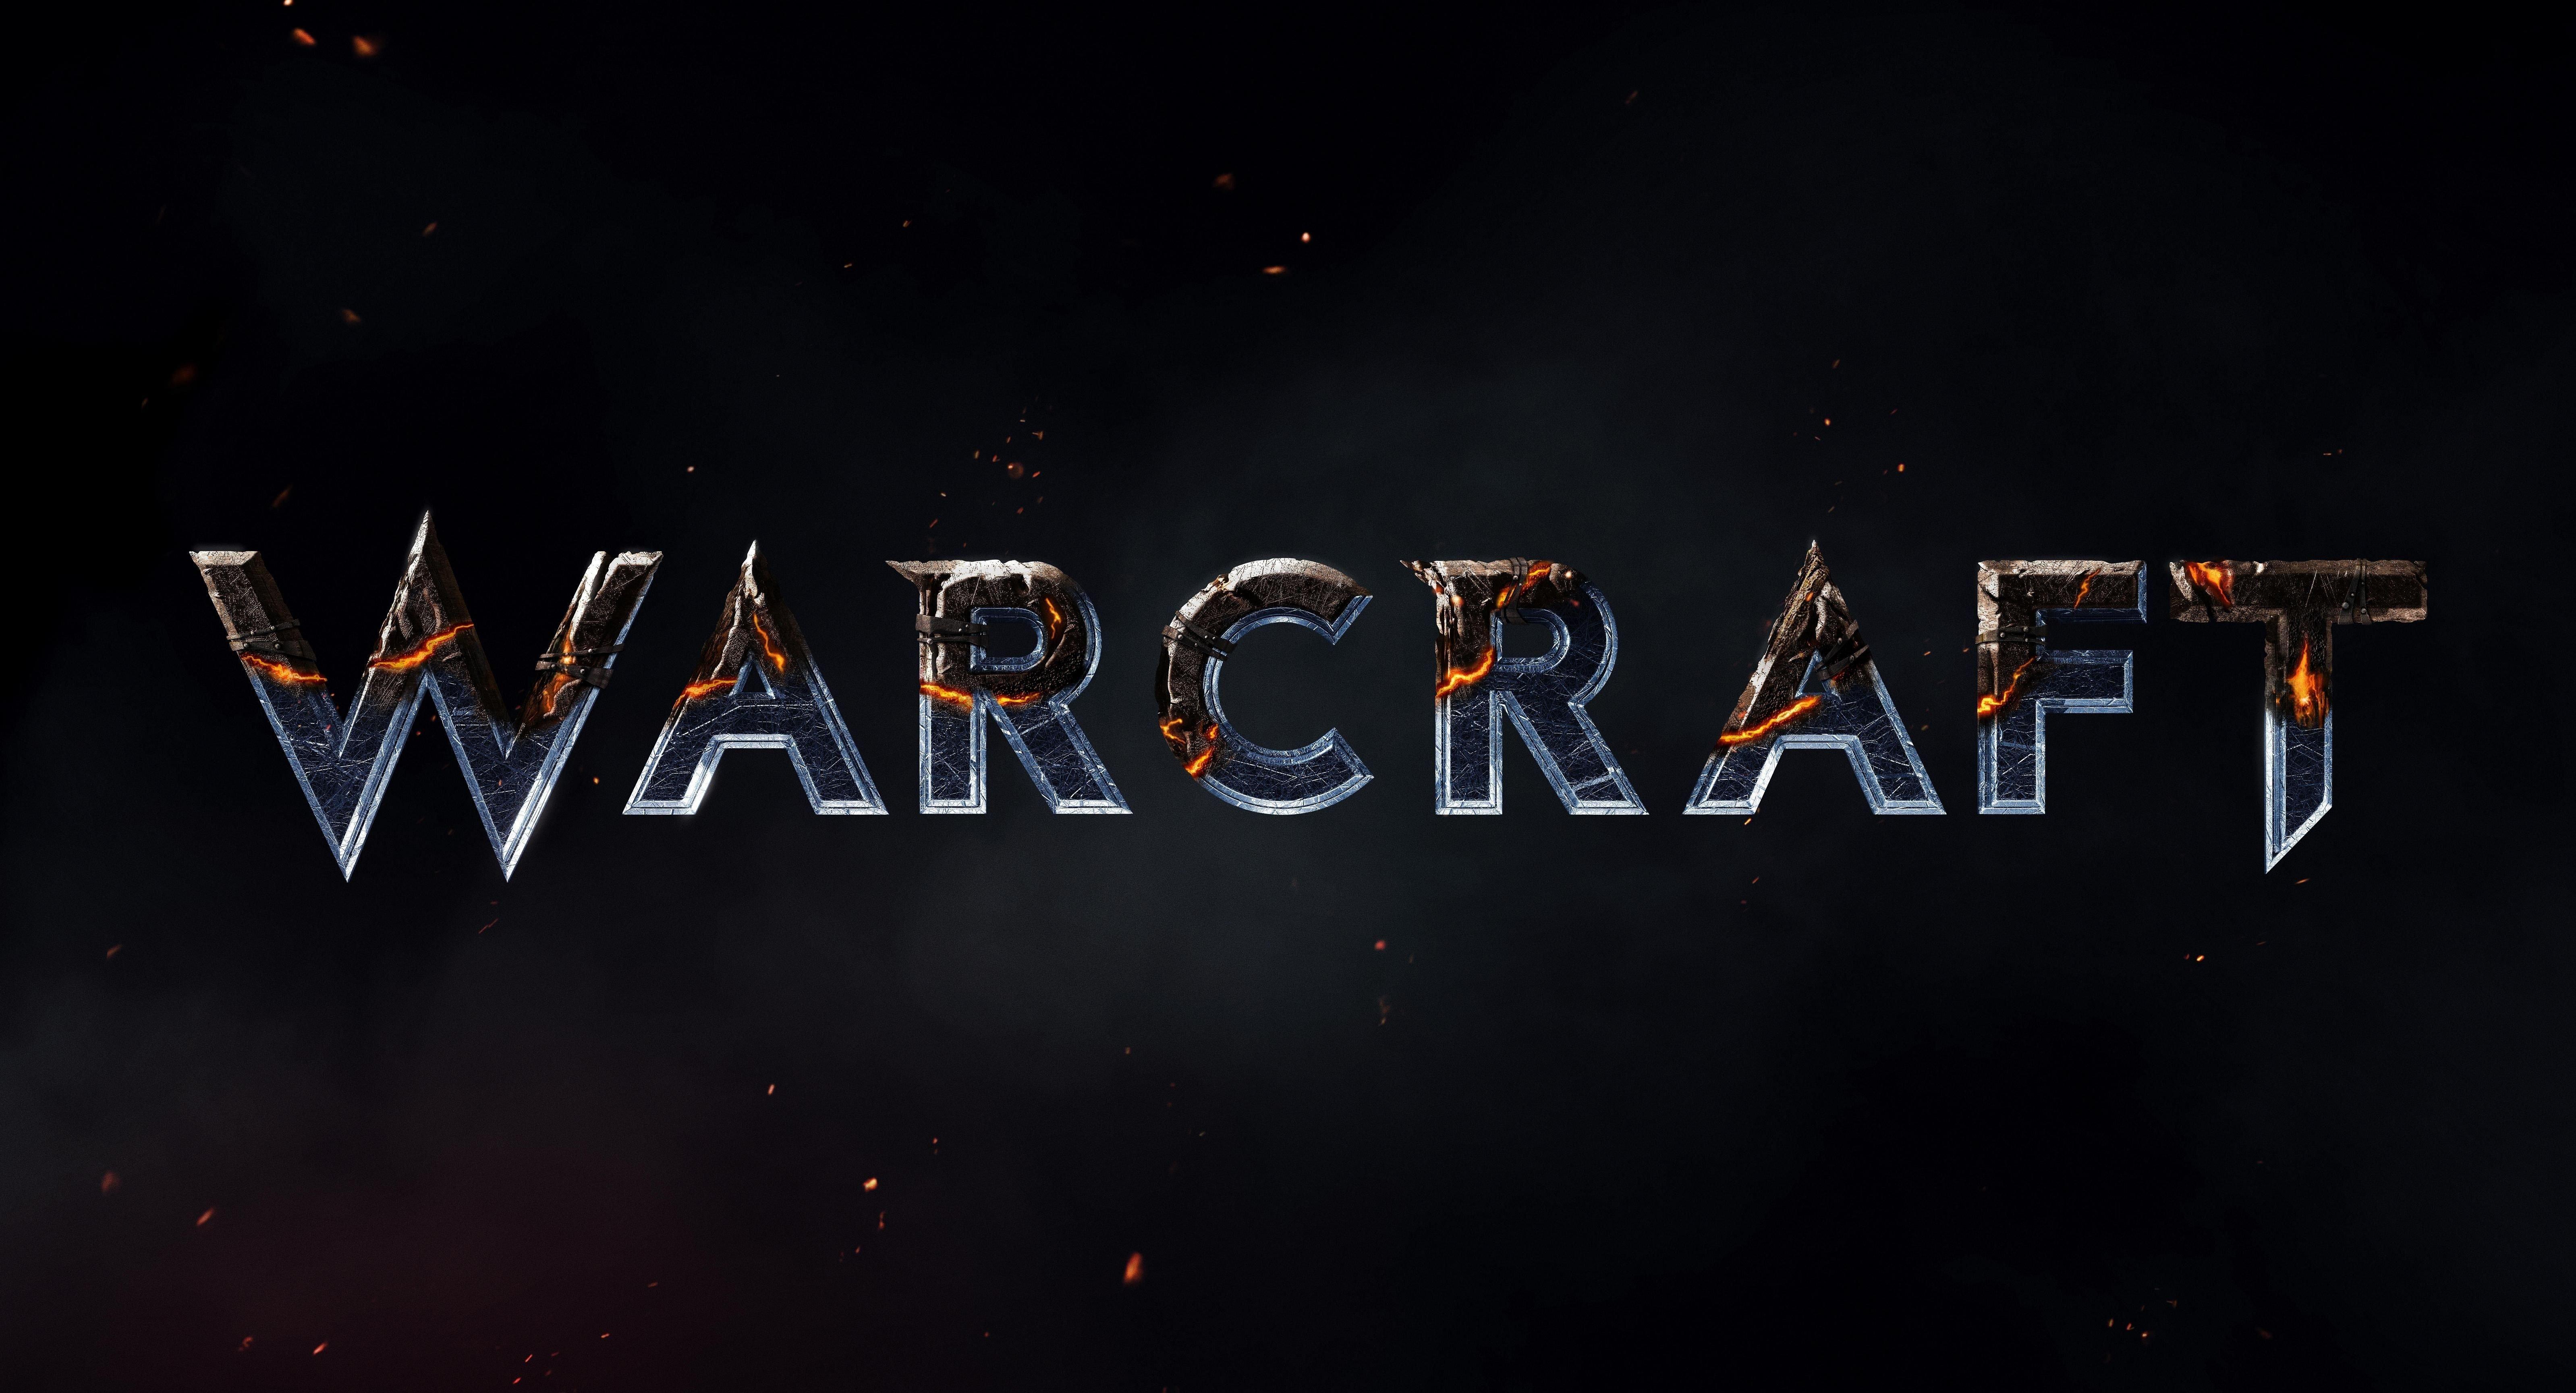 Мнение: Warcraft - Изображение 1